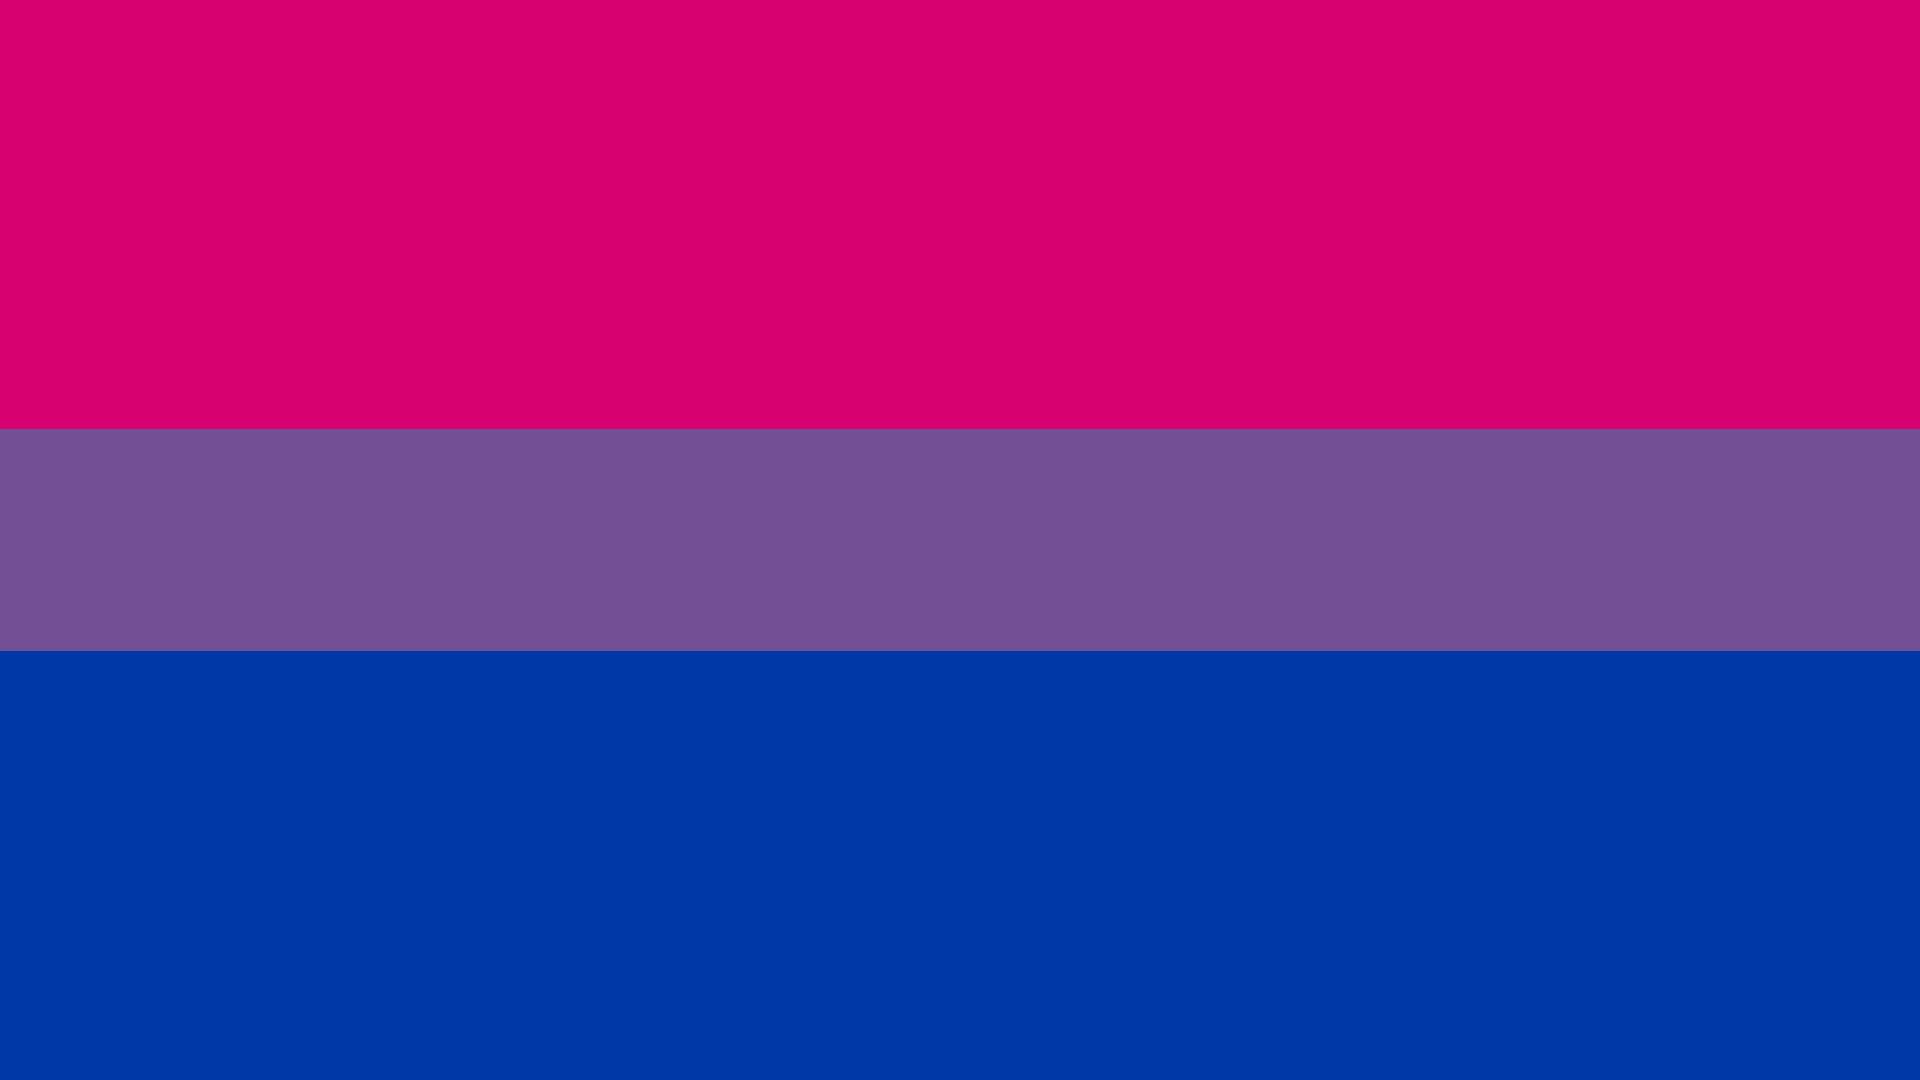 Bi Pride Wallpapers